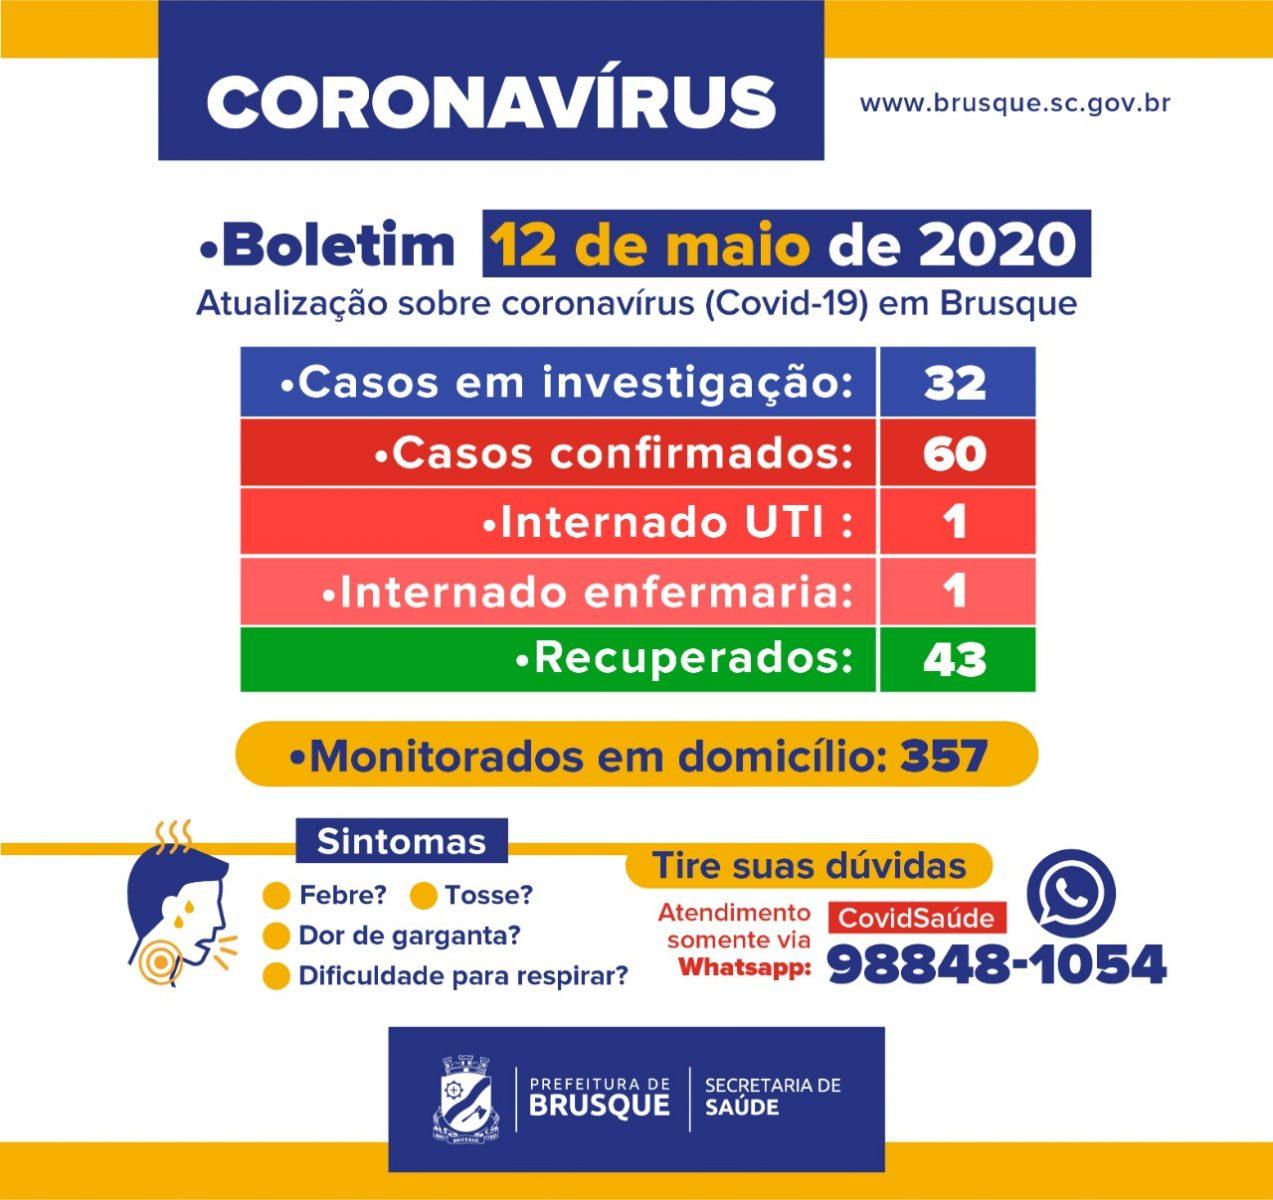 Brusque continua com 60 casos confirmados de Covid-19